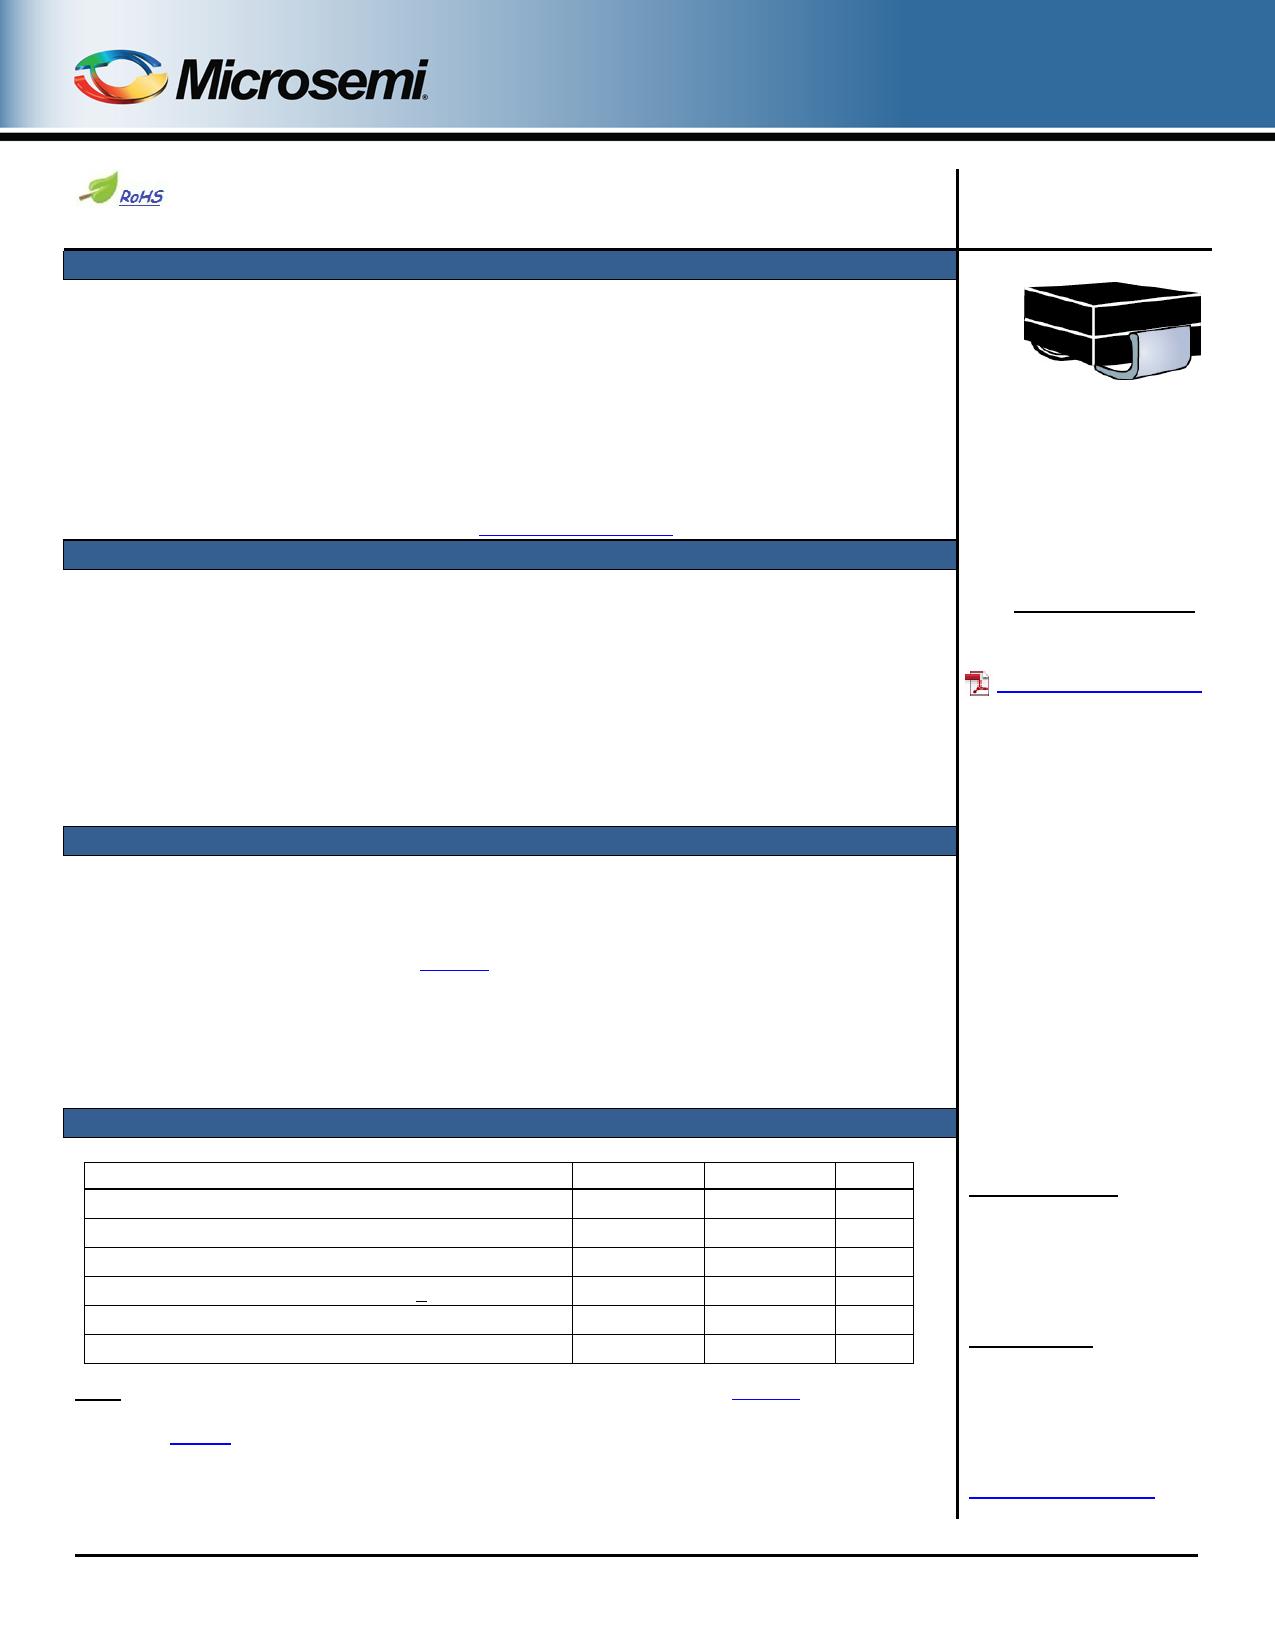 <?=SMBJ5956B?> डेटा पत्रक पीडीएफ